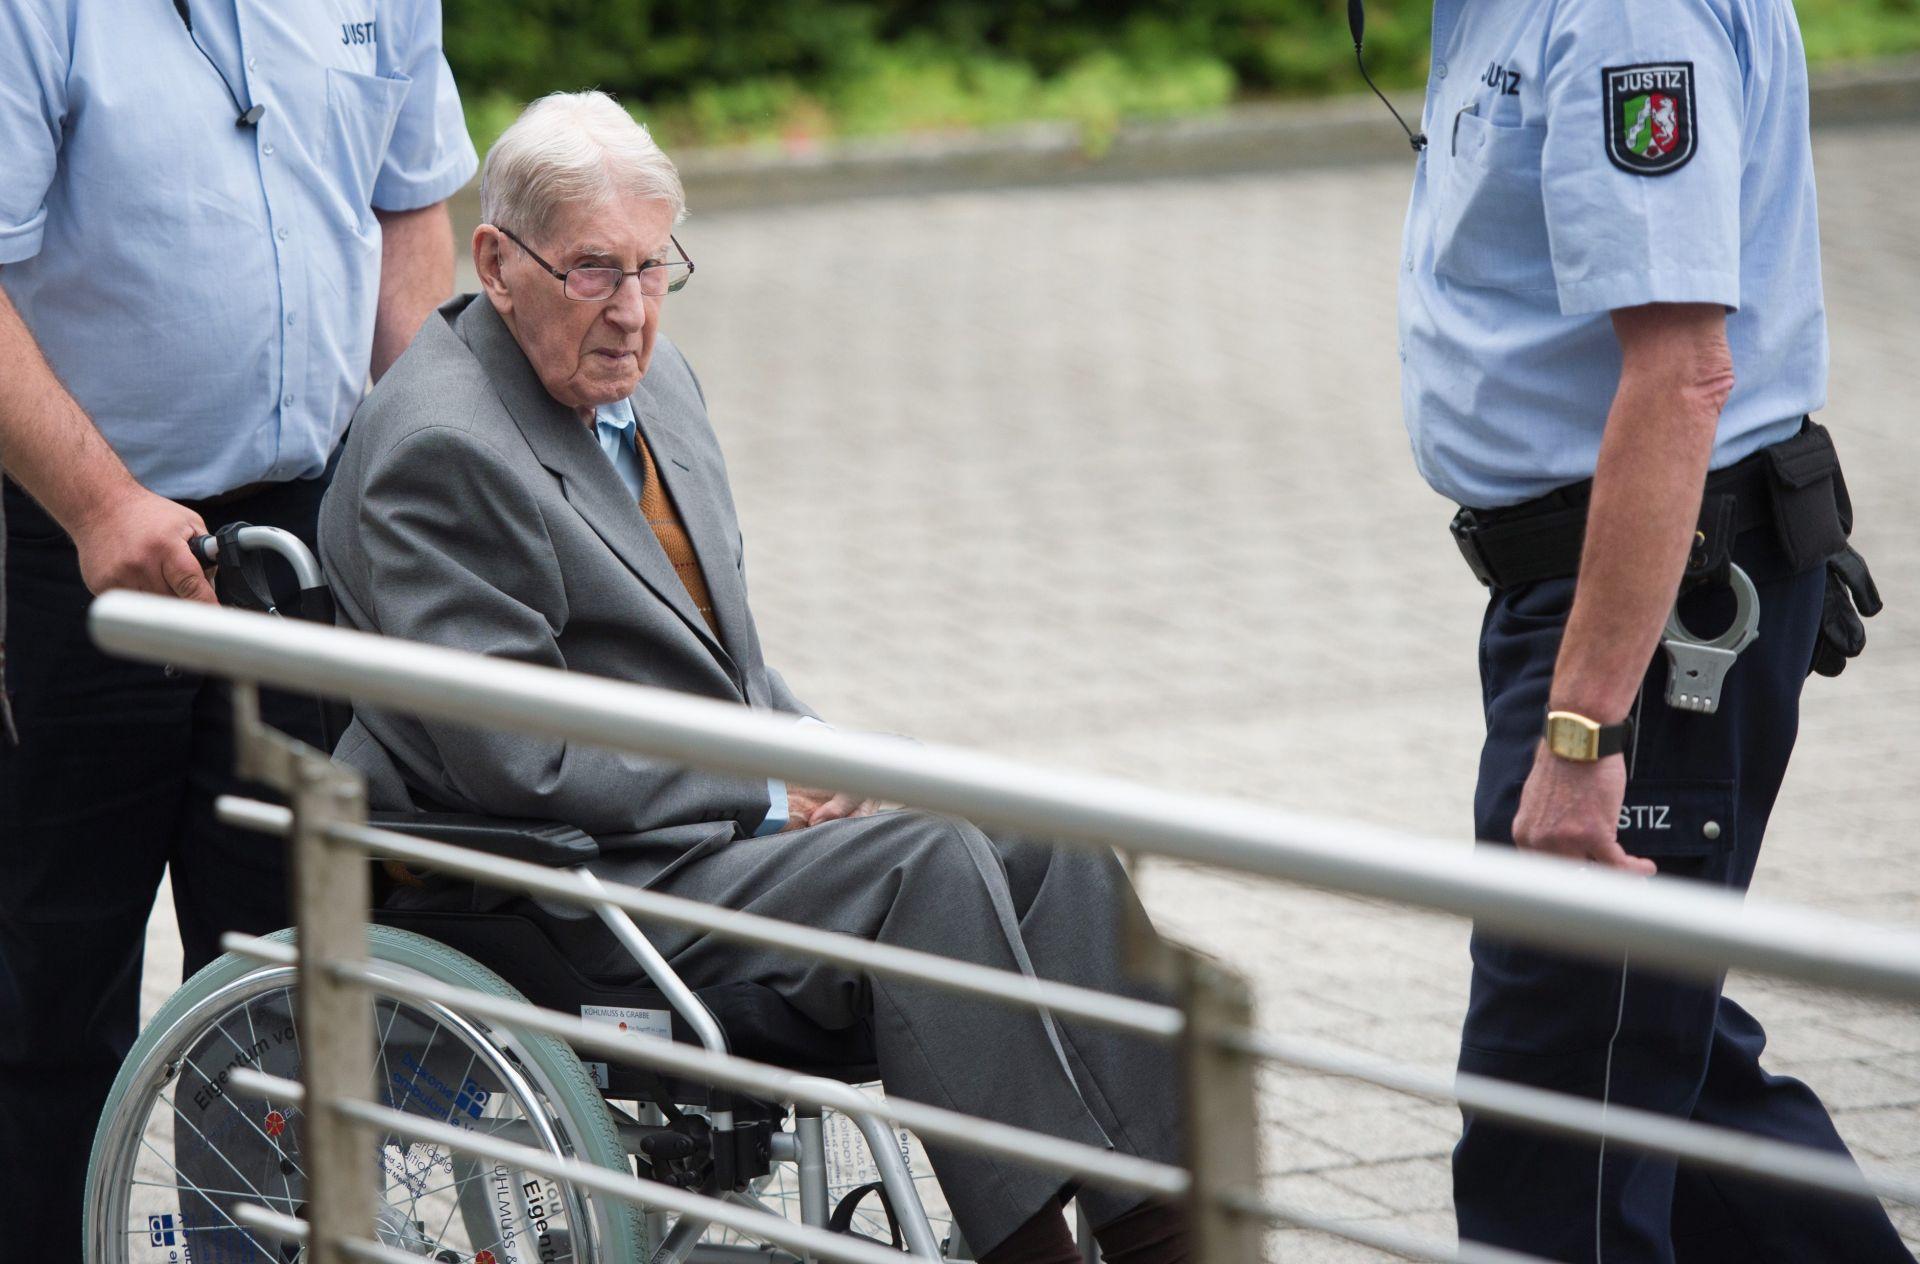 UBOJSTVO 170.000 ZATOČENIKA: Bivši čuvar u Auschwitzu osuđen na pet godina zatvora